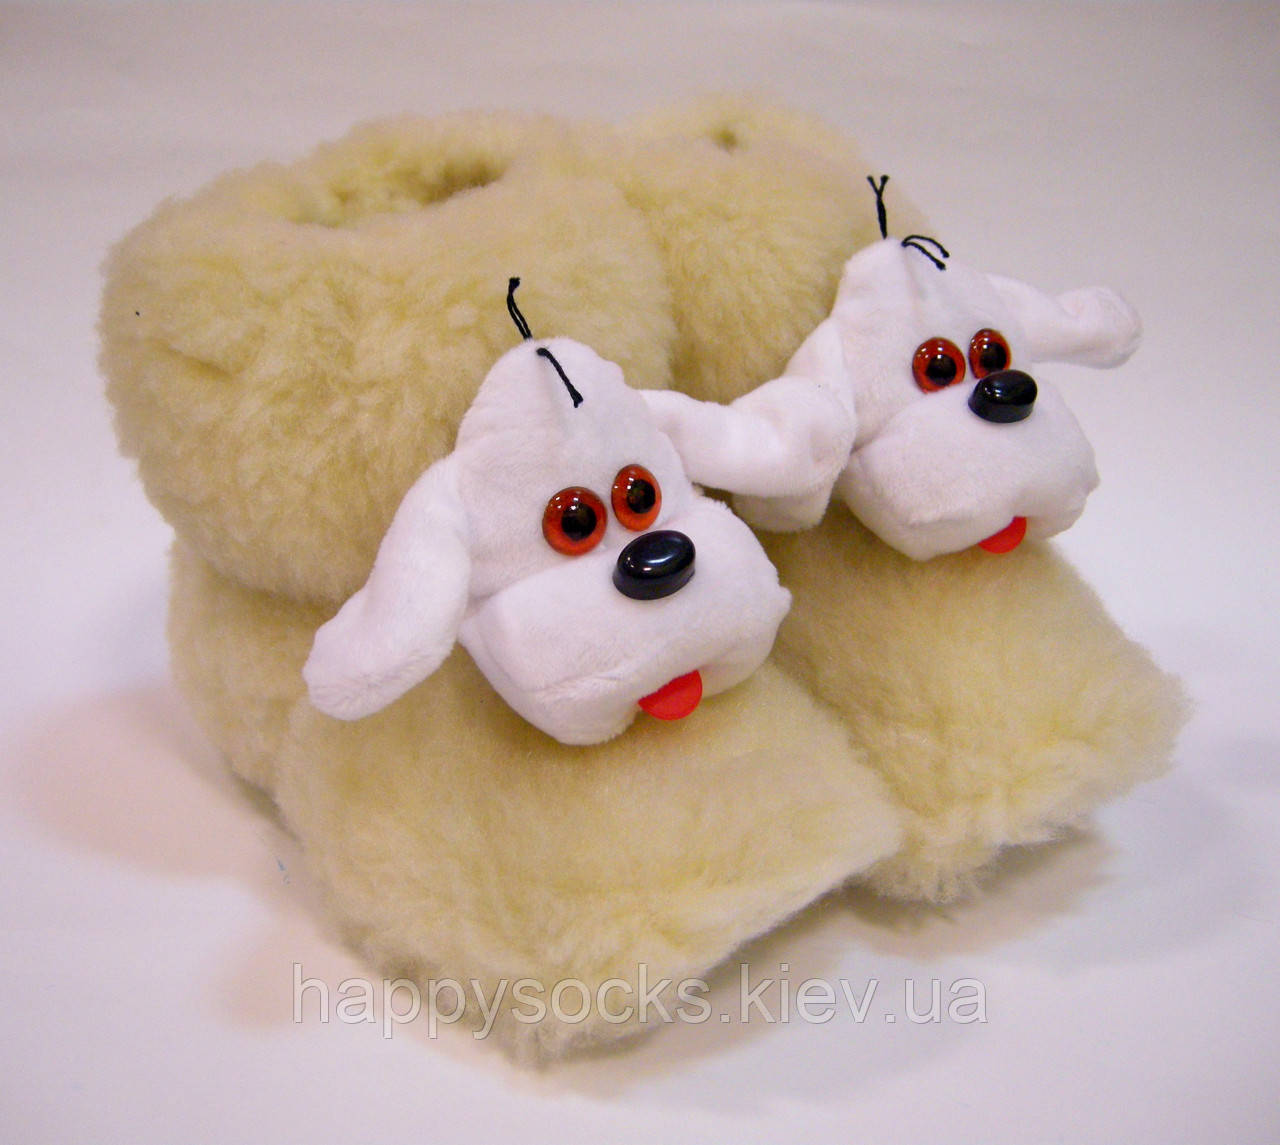 Комнатные меховые сапожки Собака из овчины детские, фото 1